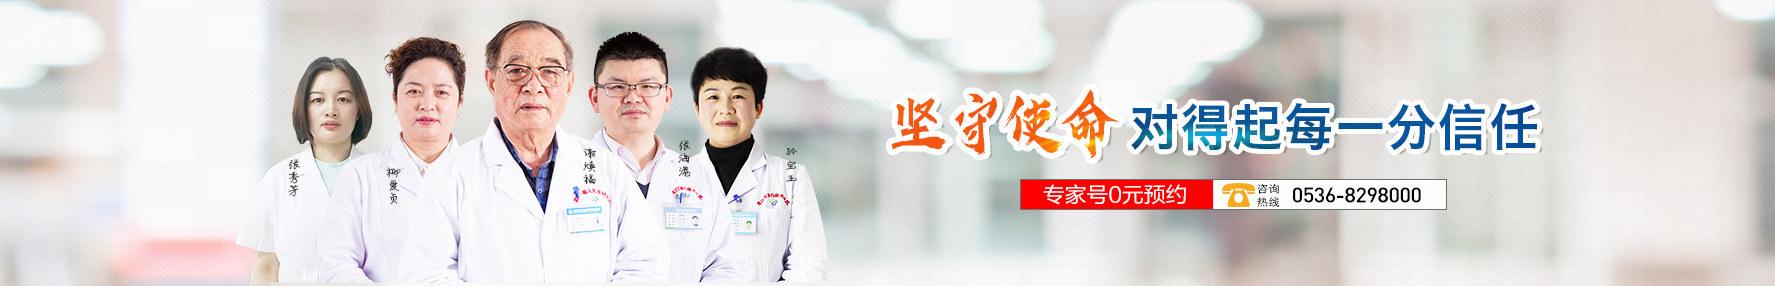 潍坊白癜风医院排名